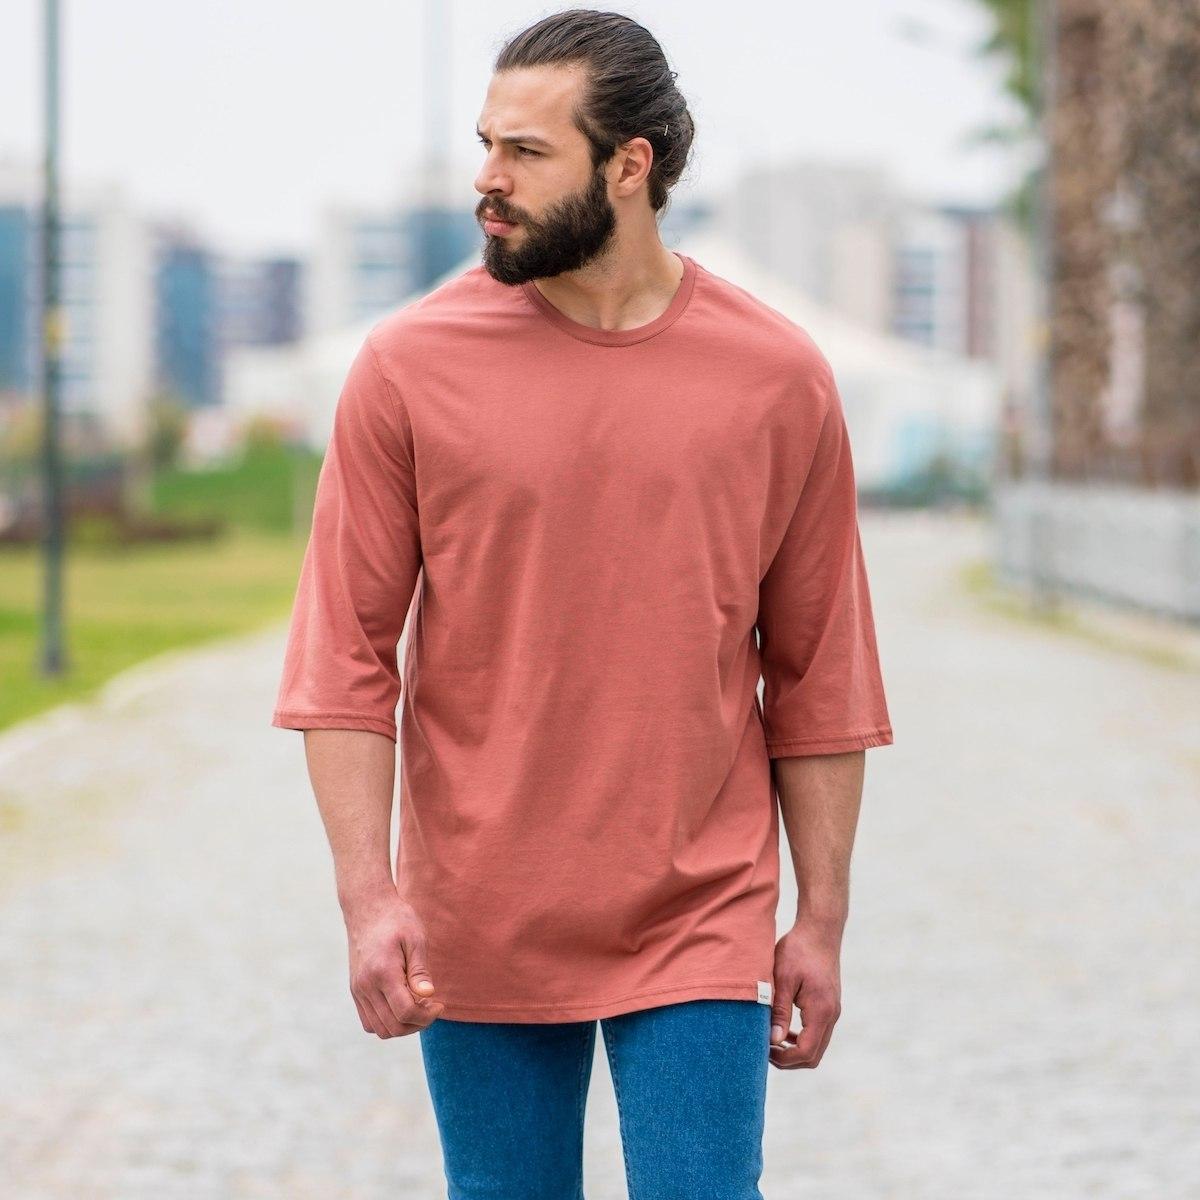 Men's Oversize Basic T-Shirt In Salmon